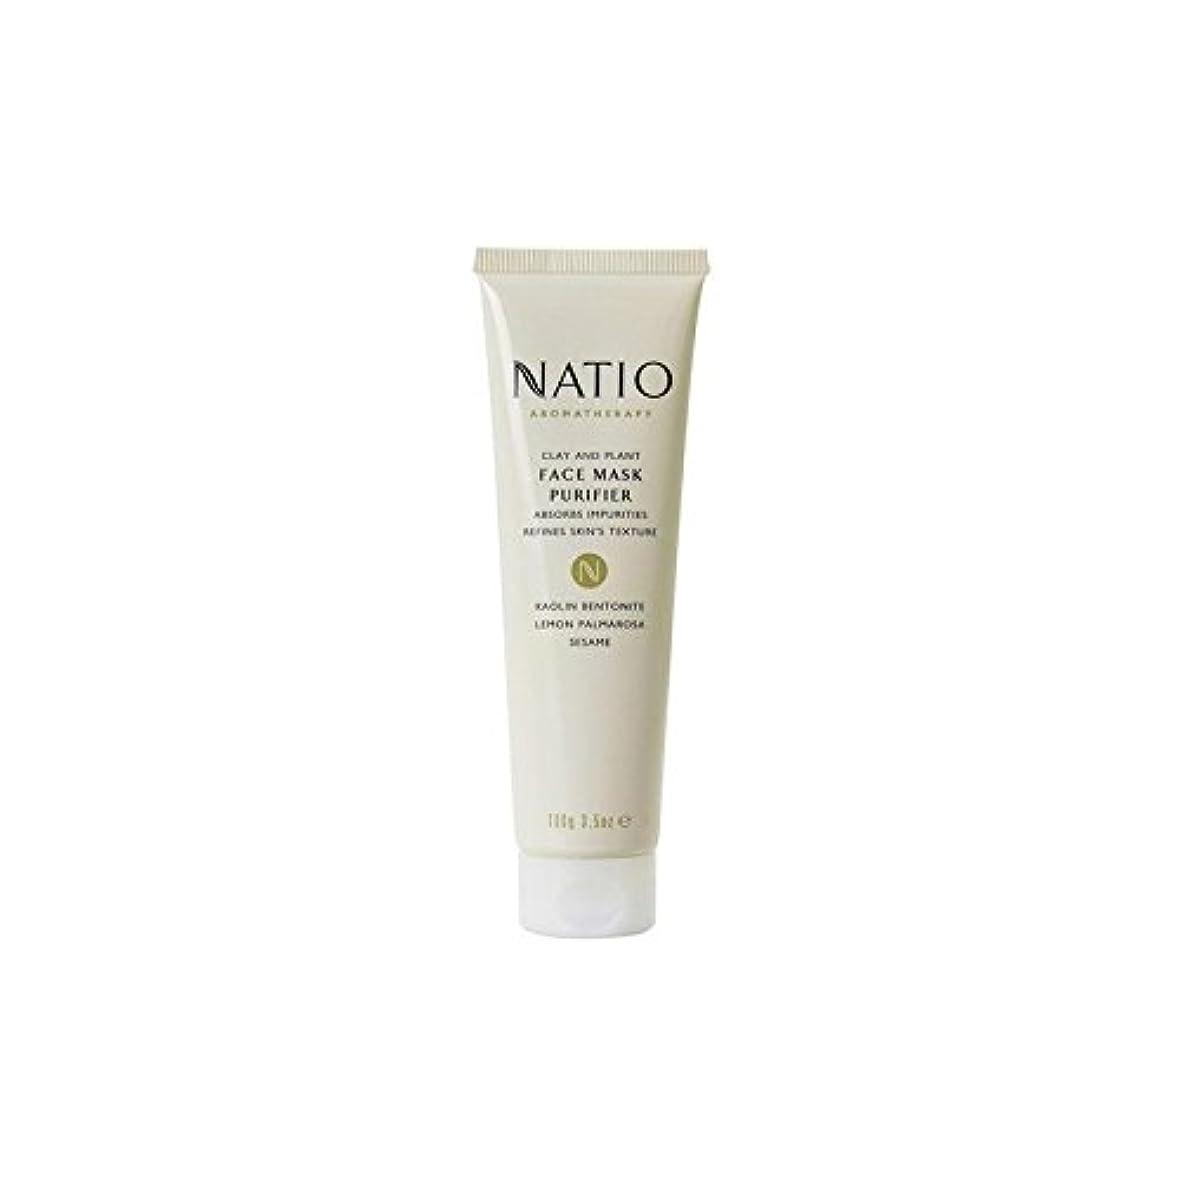 粘土&植物フェイスマスクの浄化(100グラム) x2 - Natio Clay & Plant Face Mask Purifier (100G) (Pack of 2) [並行輸入品]